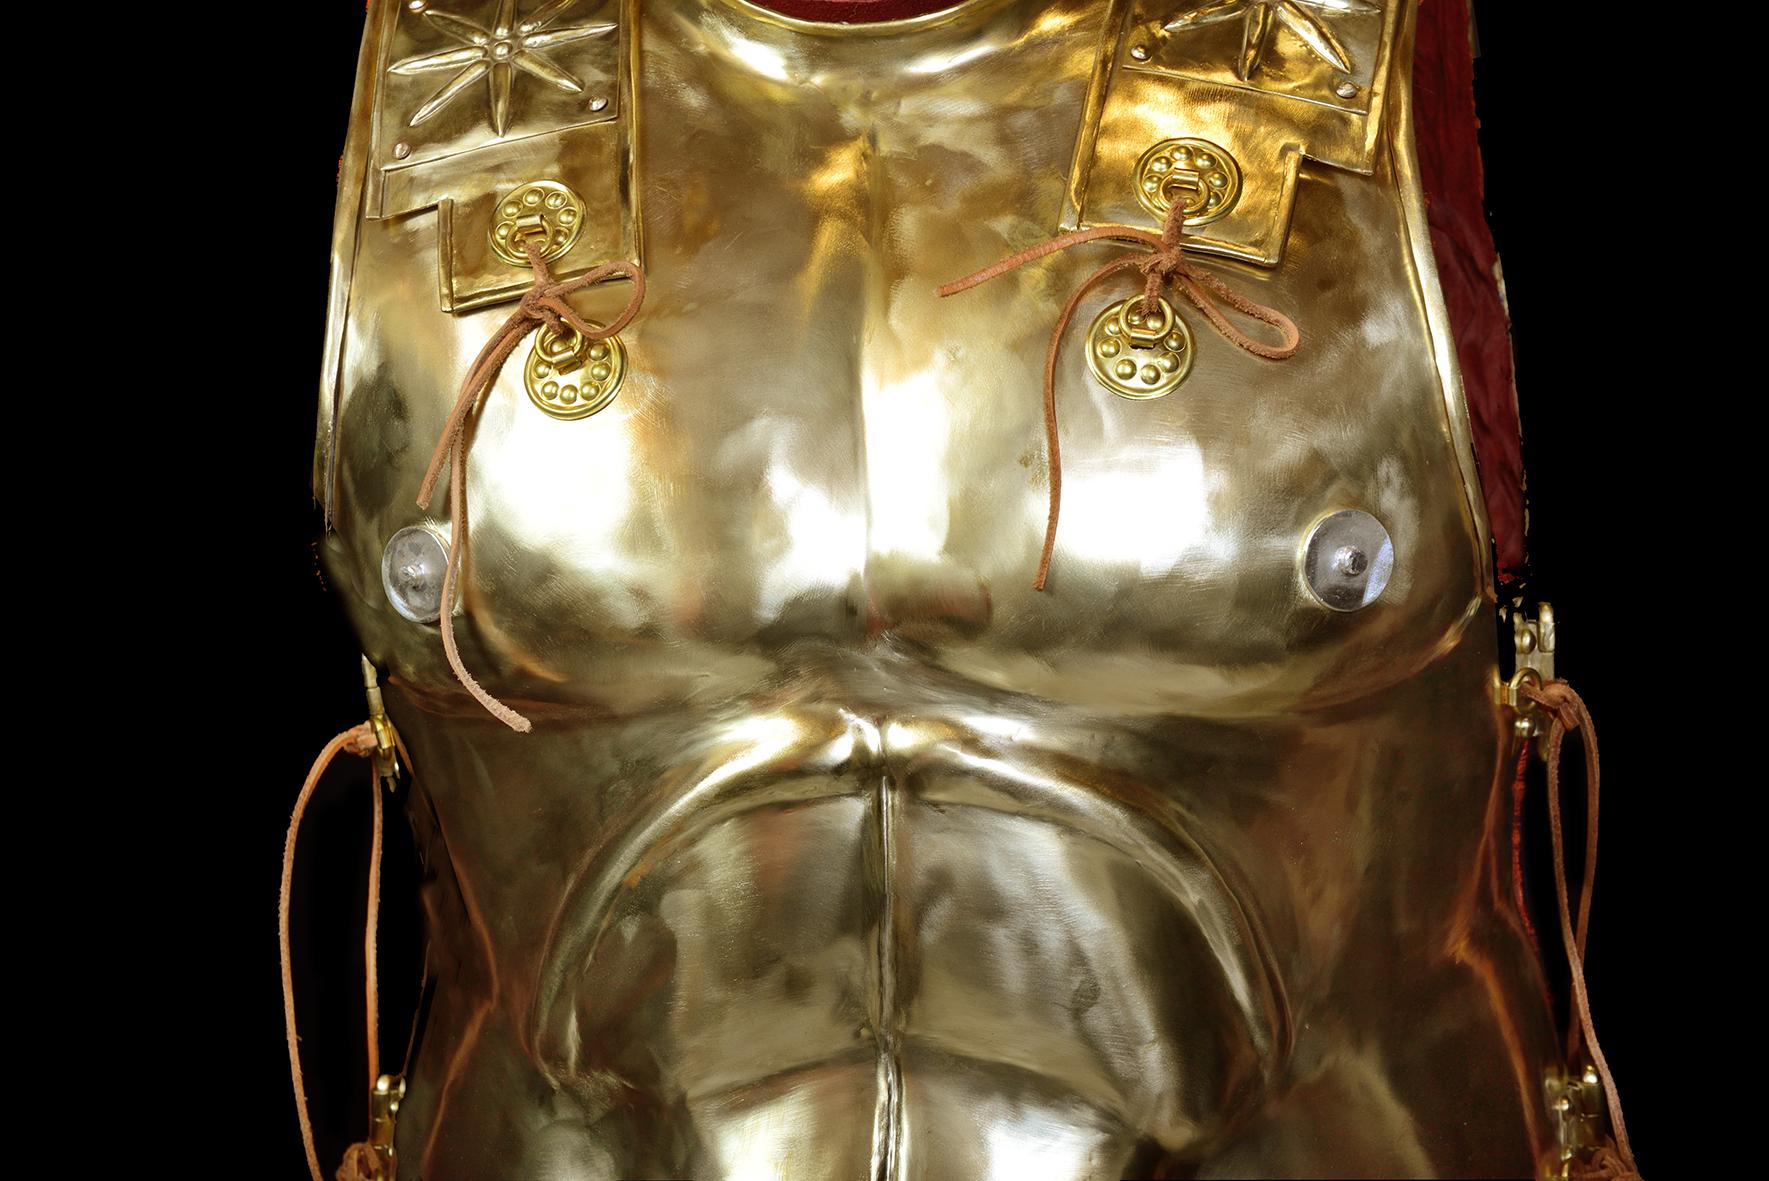 Μυώδης θώρακας Μεγάλου Αλεξάνδρου